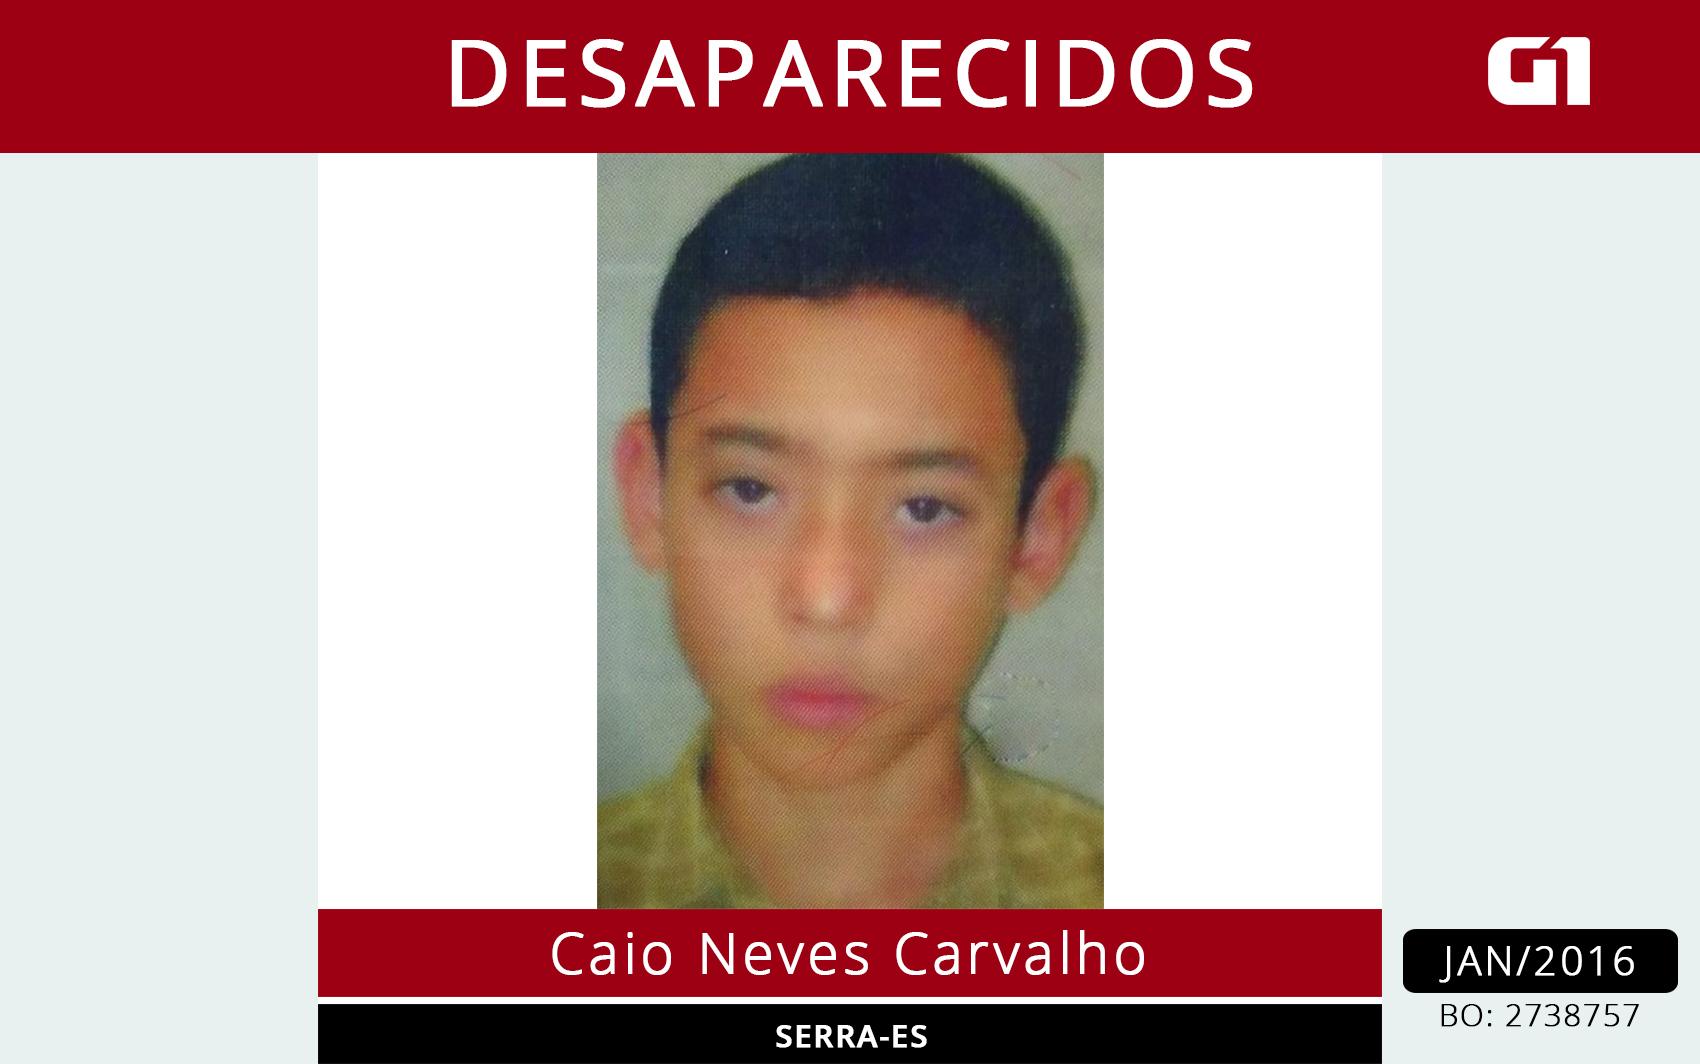 Caio Neves Carvalho está desaparecido, Serra, Espírito Santo